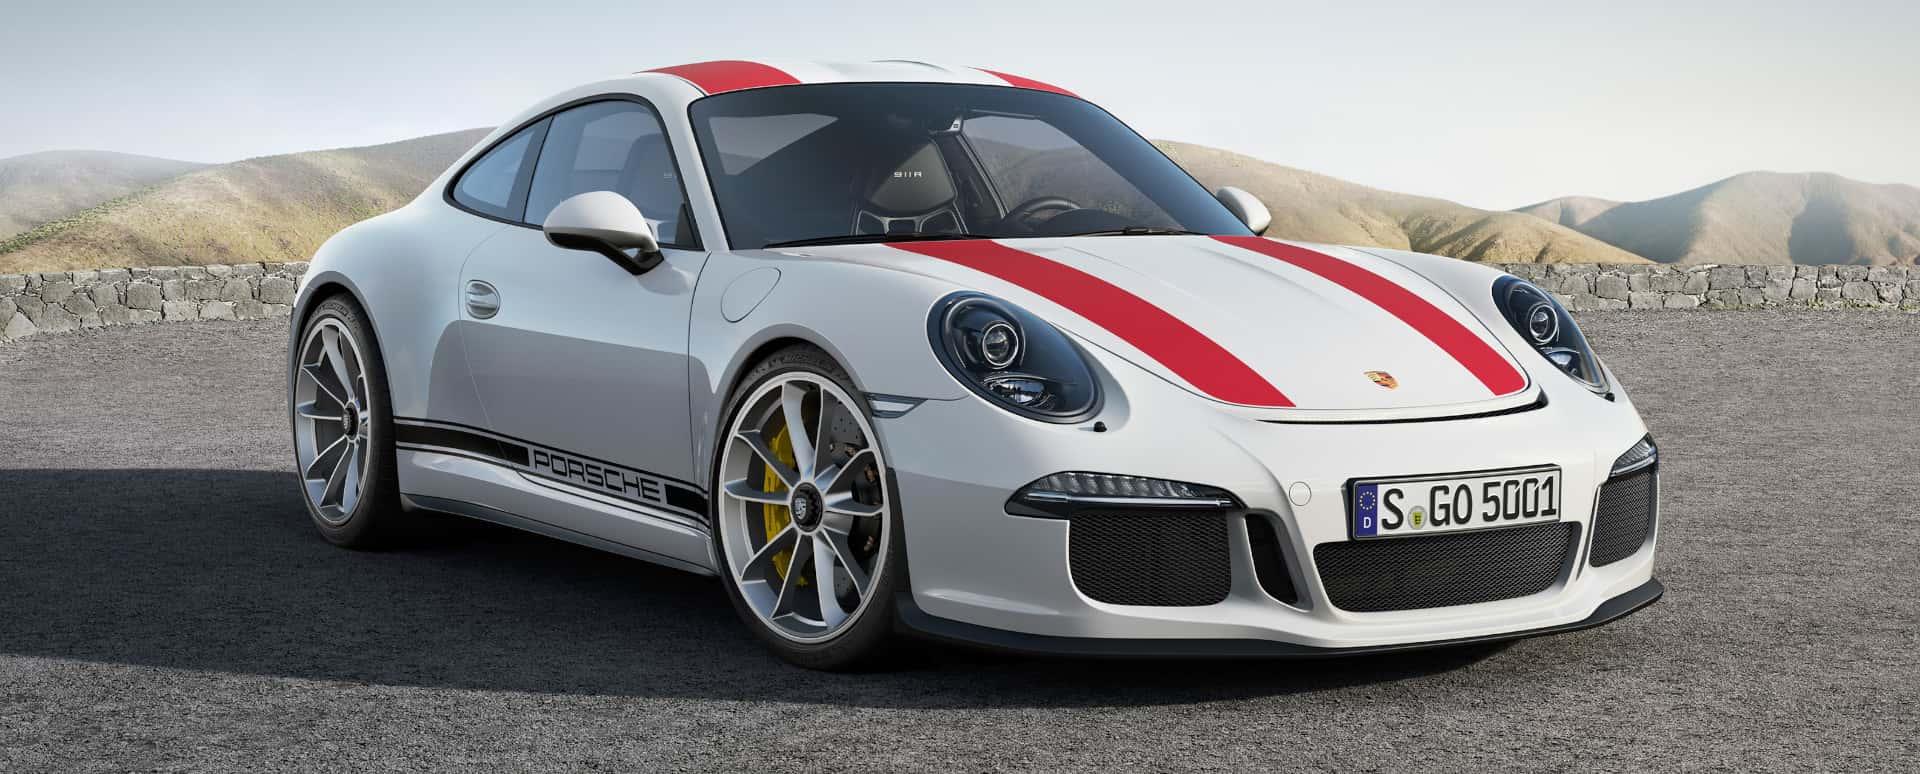 Porsche 911 R (991) Large